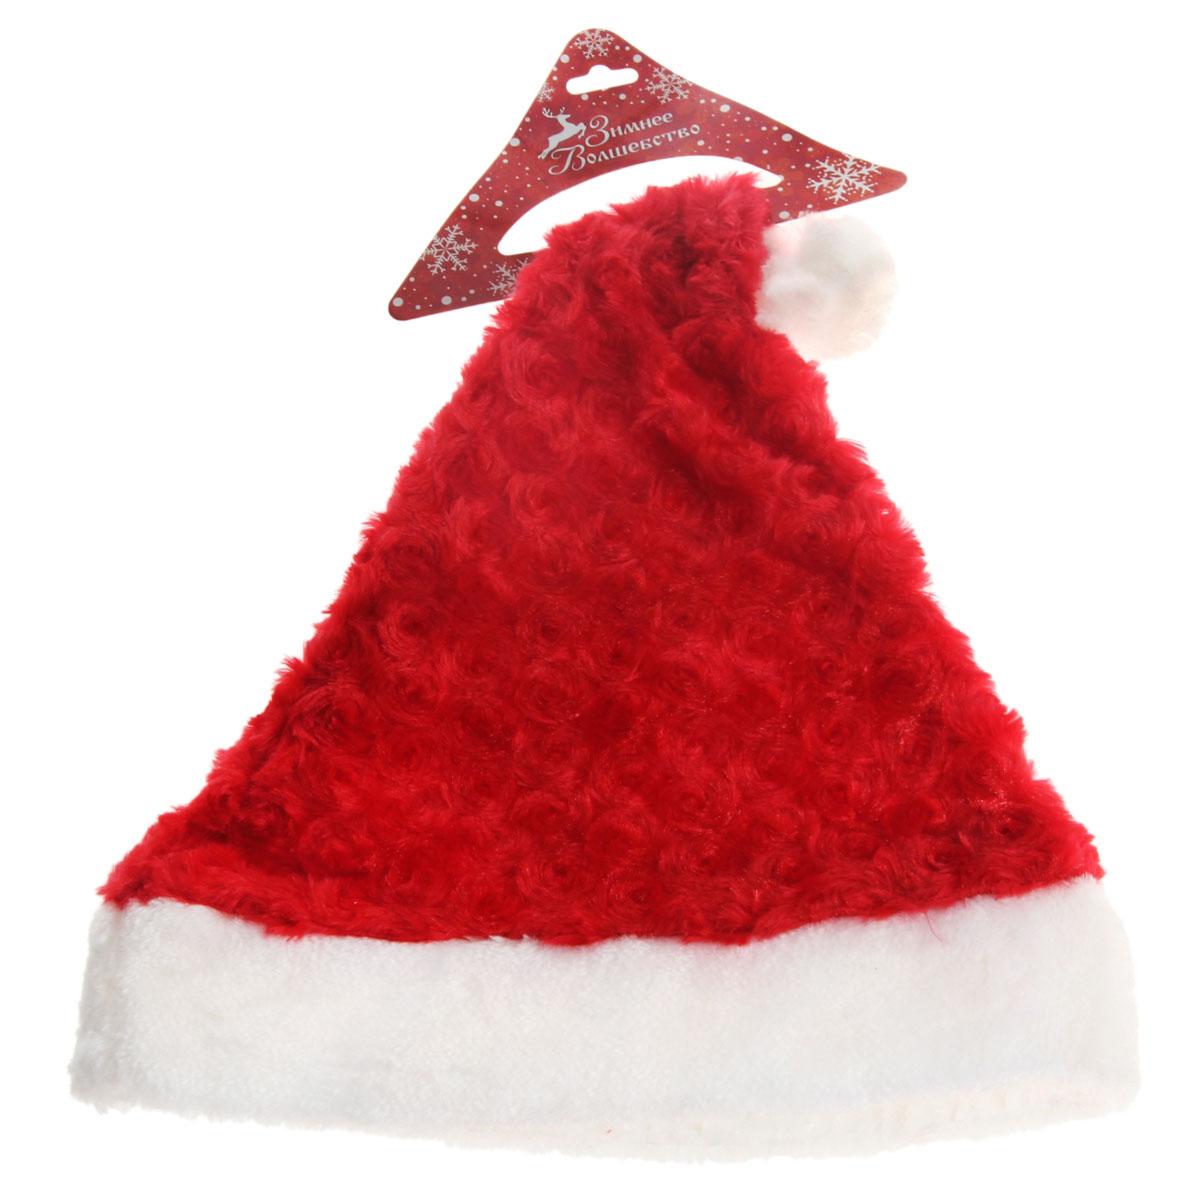 Карнавальный костюм806283Новогодний колпак Sima-land развеселит вас и ваших друзей в праздничную ночь. Колпак выполнен из синтетического текстиля и оформлен симпатичной меховой отделкой и помпоном. Радуйте себя и родных, дарите подарки и хорошее настроение! Откройте для себя удивительный мир сказок и грез. Почувствуйте волшебные минуты ожидания праздника, создайте новогоднее настроение вашим дорогим и близким.